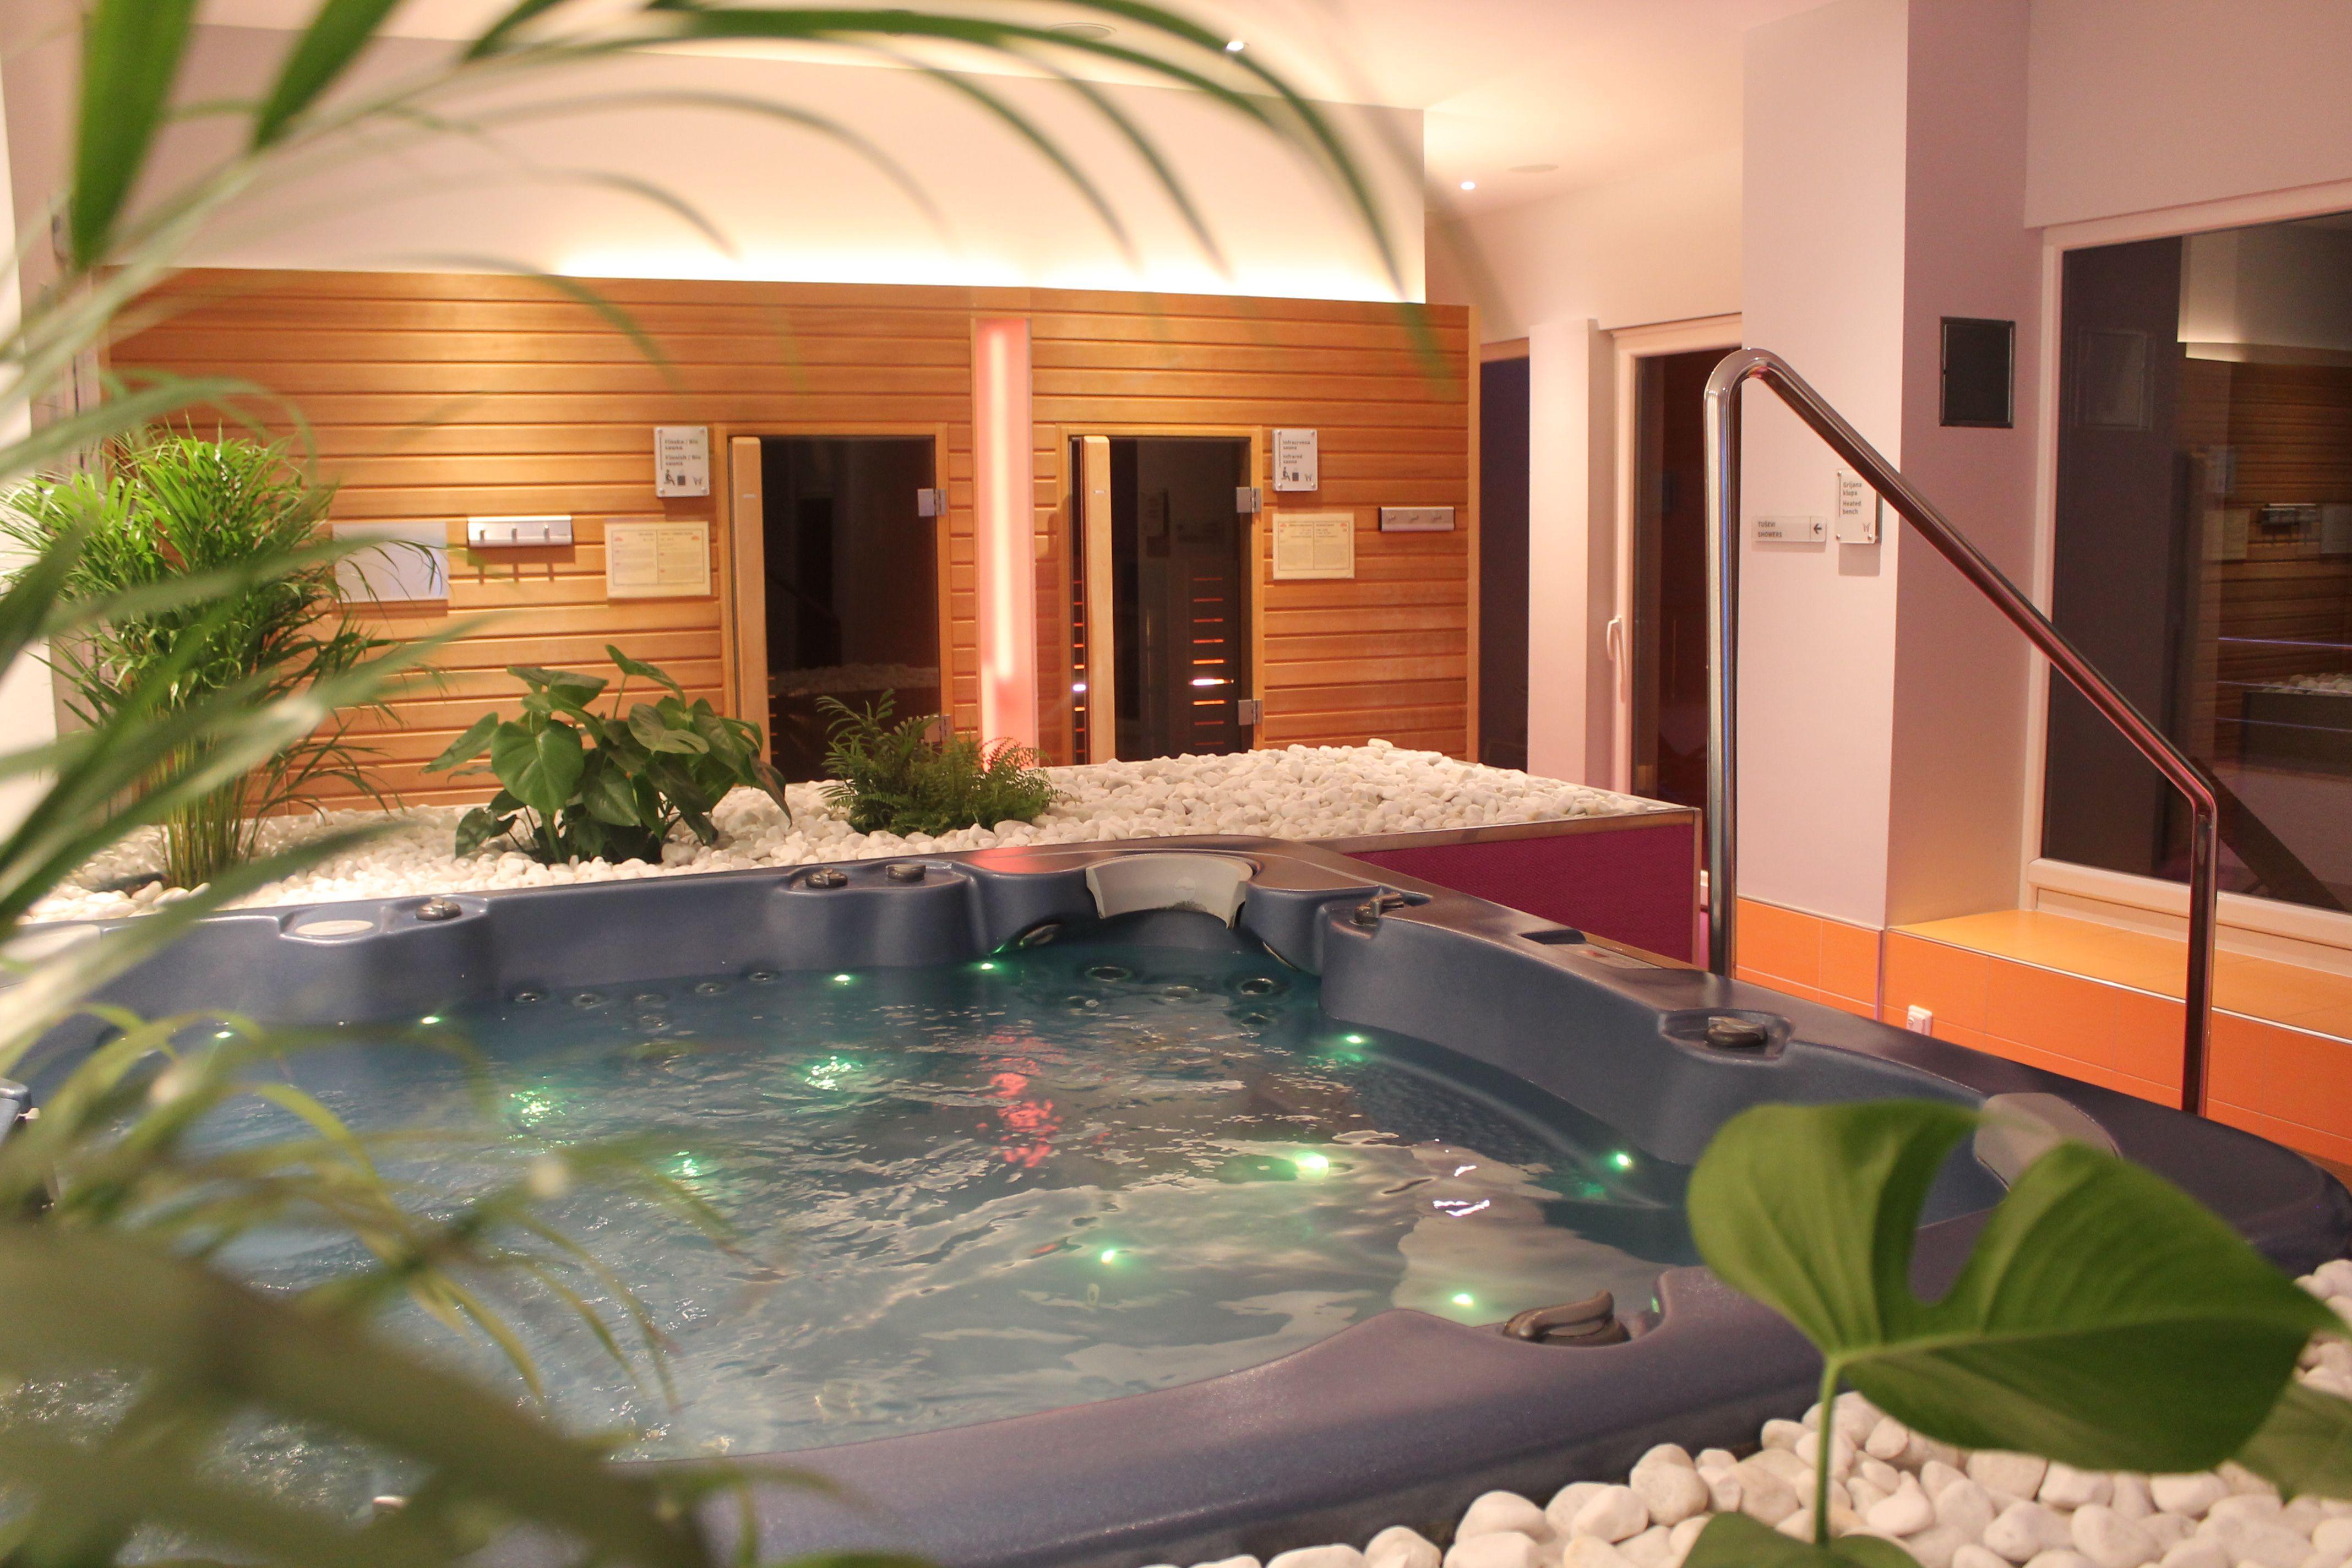 Wellnesshotel Mit Whirlpool Im Zimmer